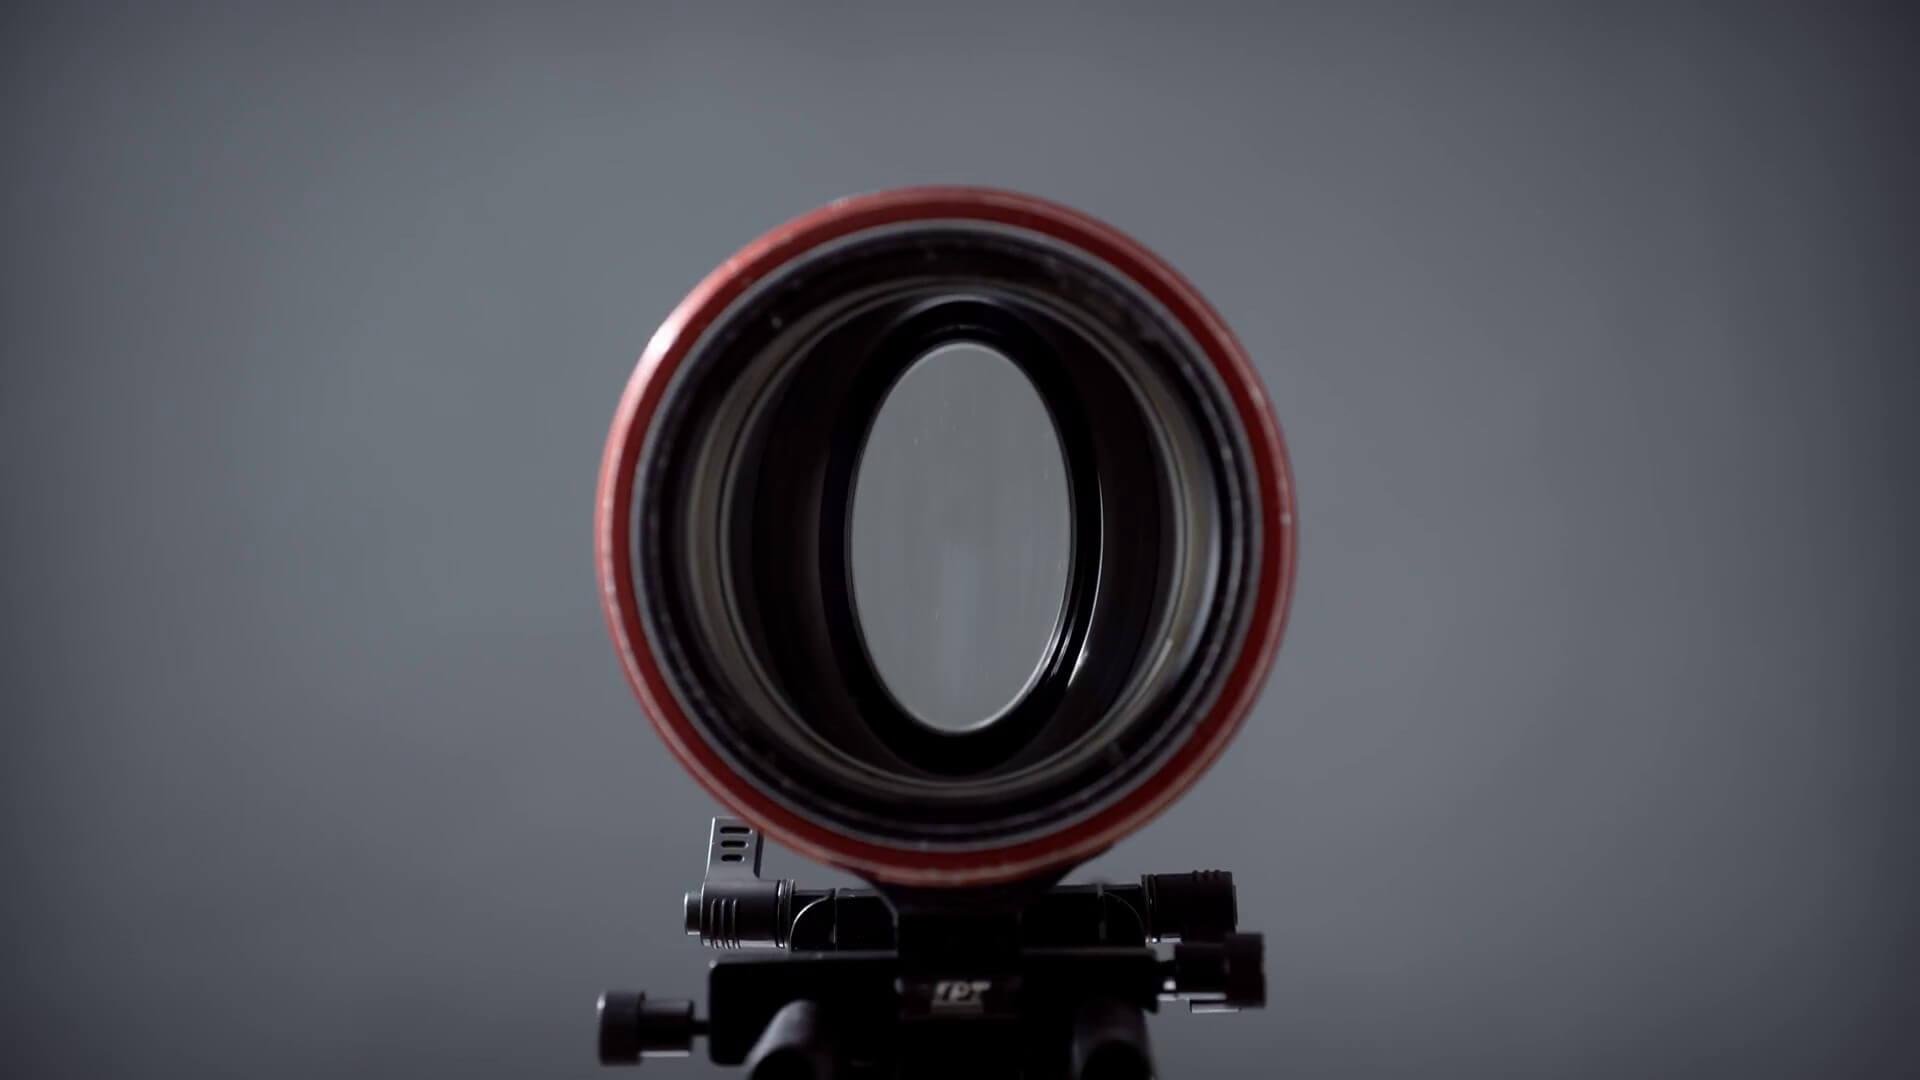 Anamorphic Lens • Credit Nicholas Moldenhauer Media Division